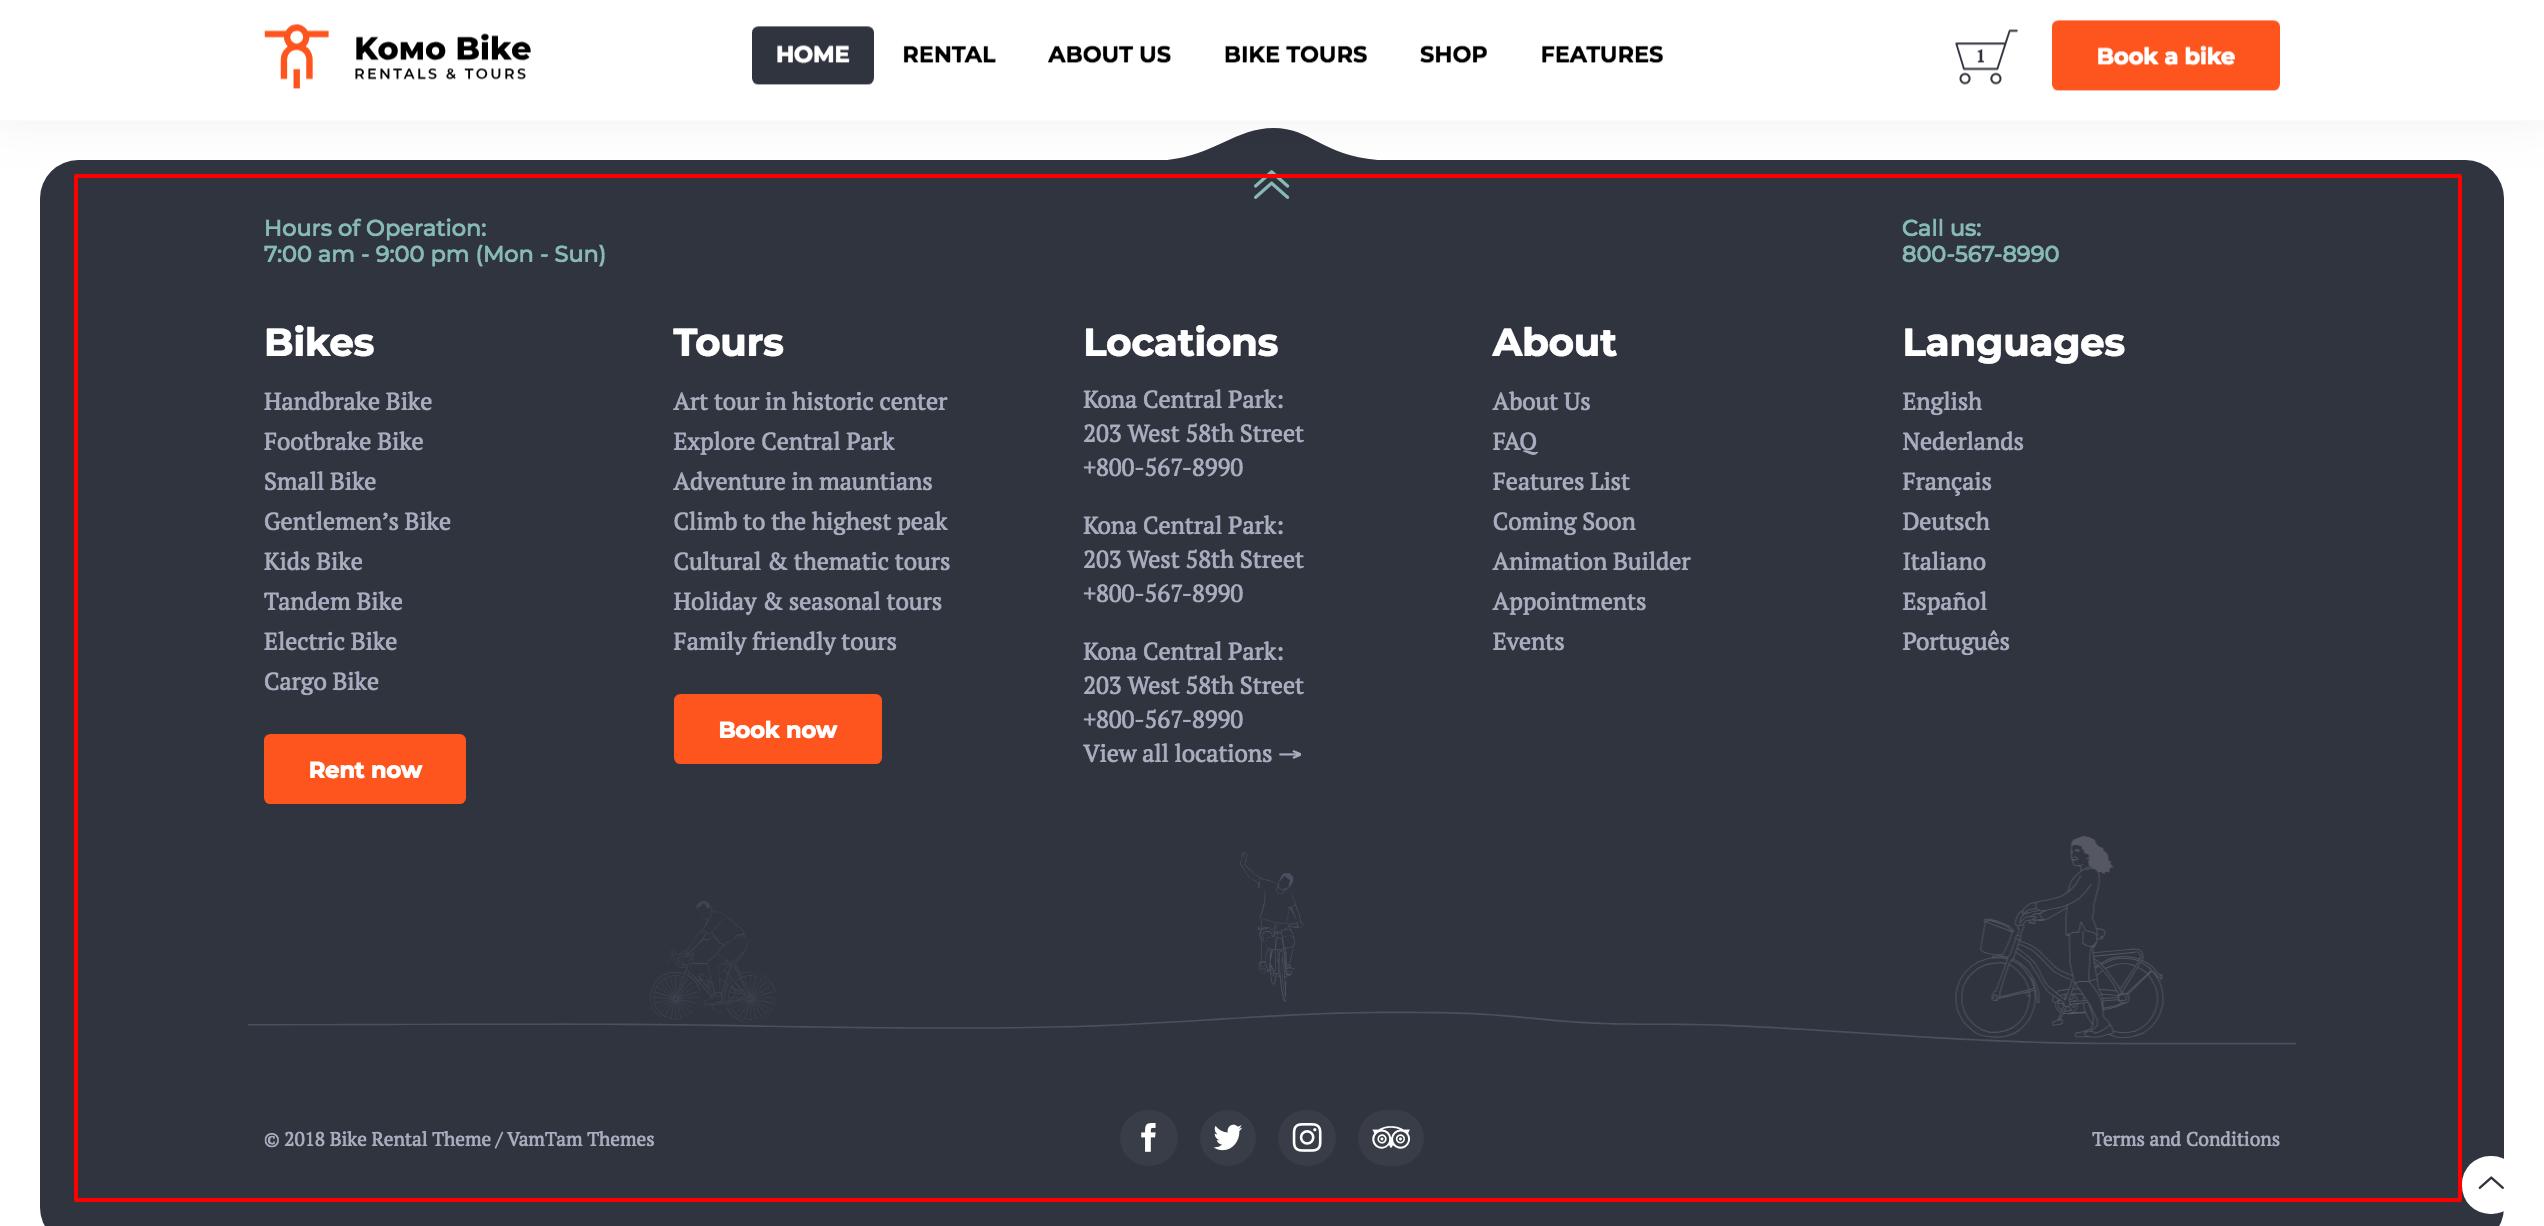 Namun, sebelum memodifikasi footer design website, sebaiknya anda menyimak beberapa trik mendesain footer berikut ini. Komo - Rentals & Tours Bike WordPress Theme: How to edit ...